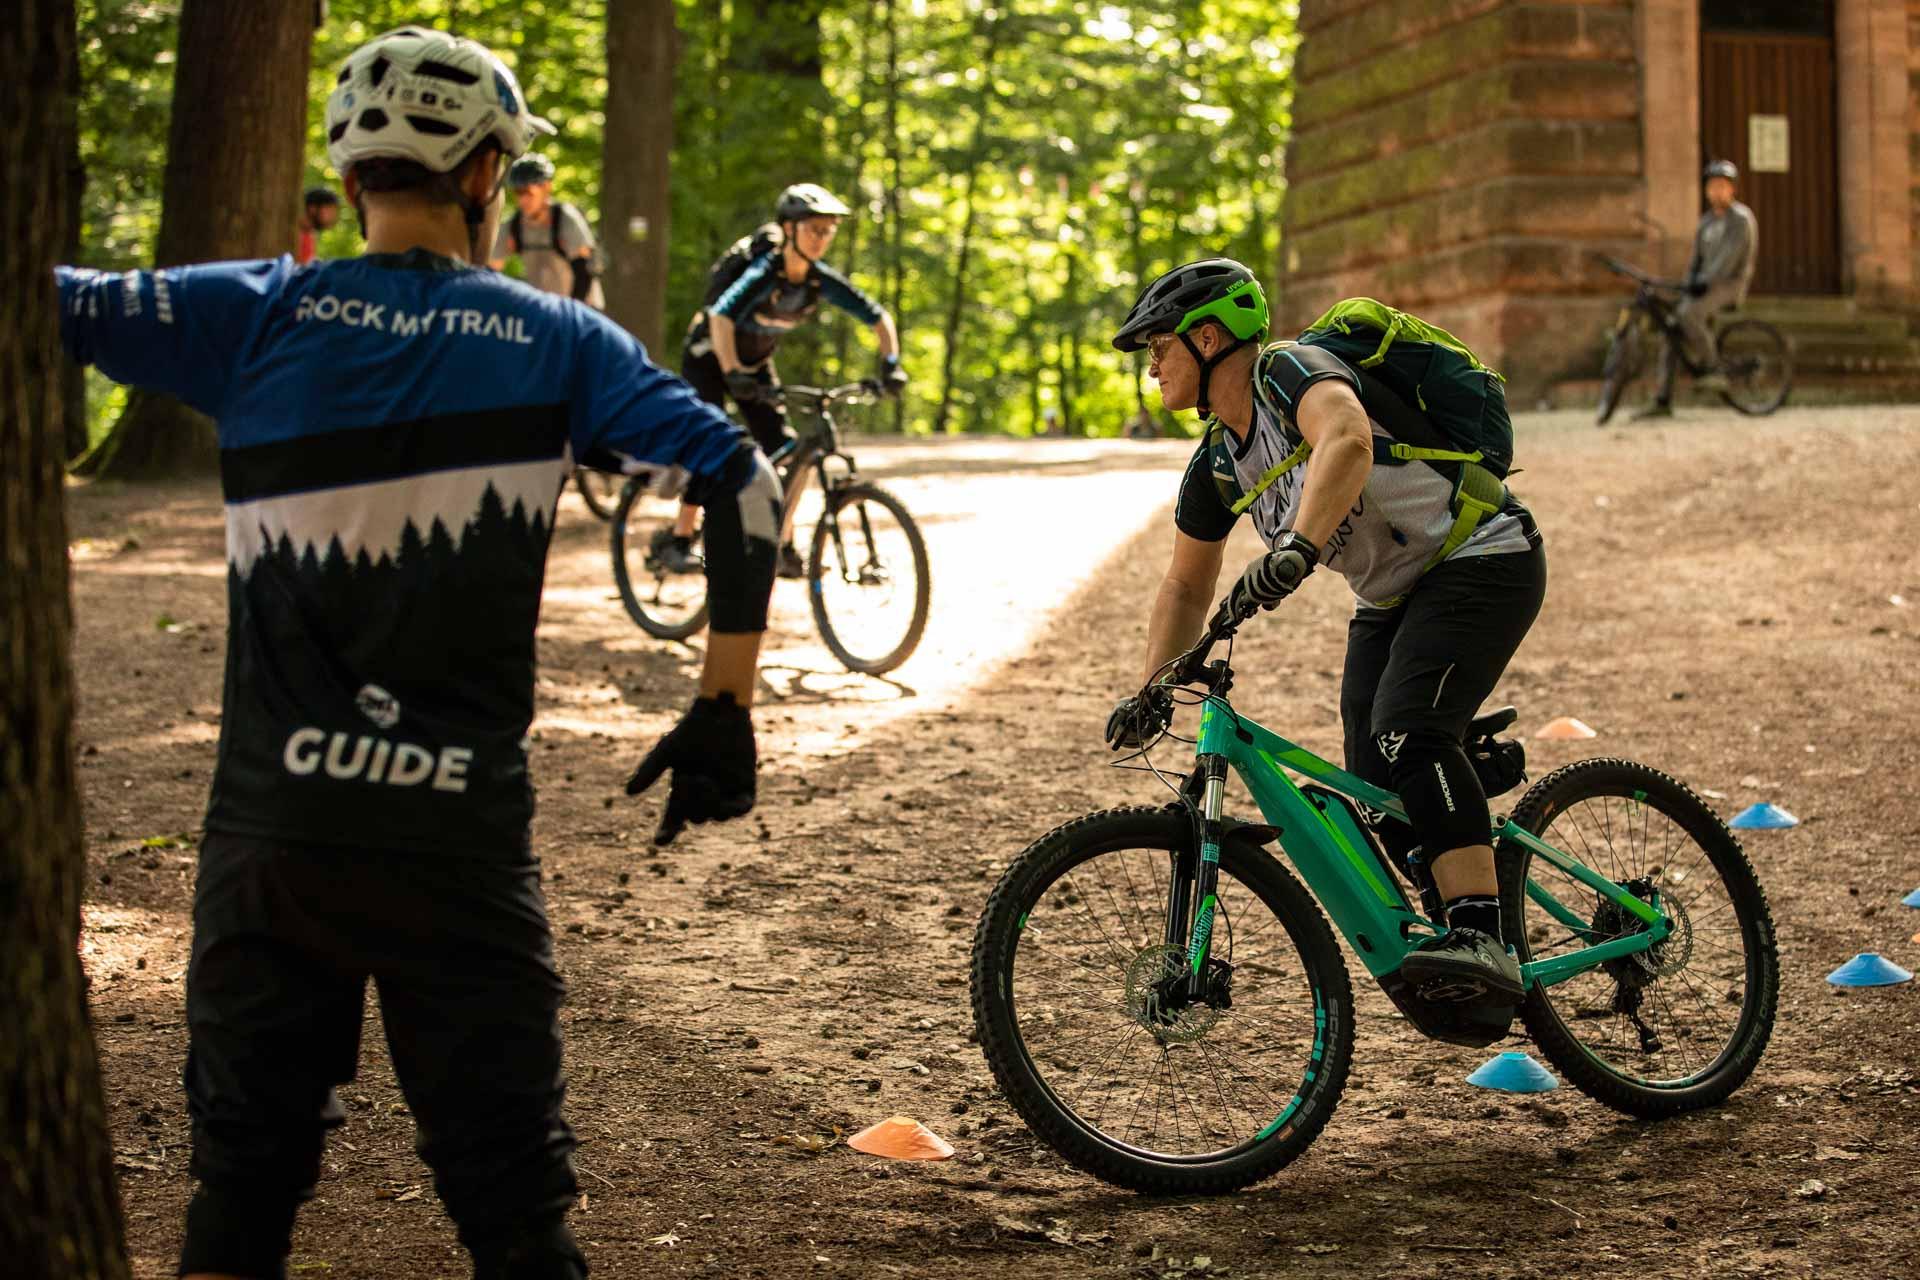 eMTB Fahrtechnik Einsteiger Siegburg Bonn eBike Kurs für eBike Einsteiger_Rock my Trail Bikeschule - 319